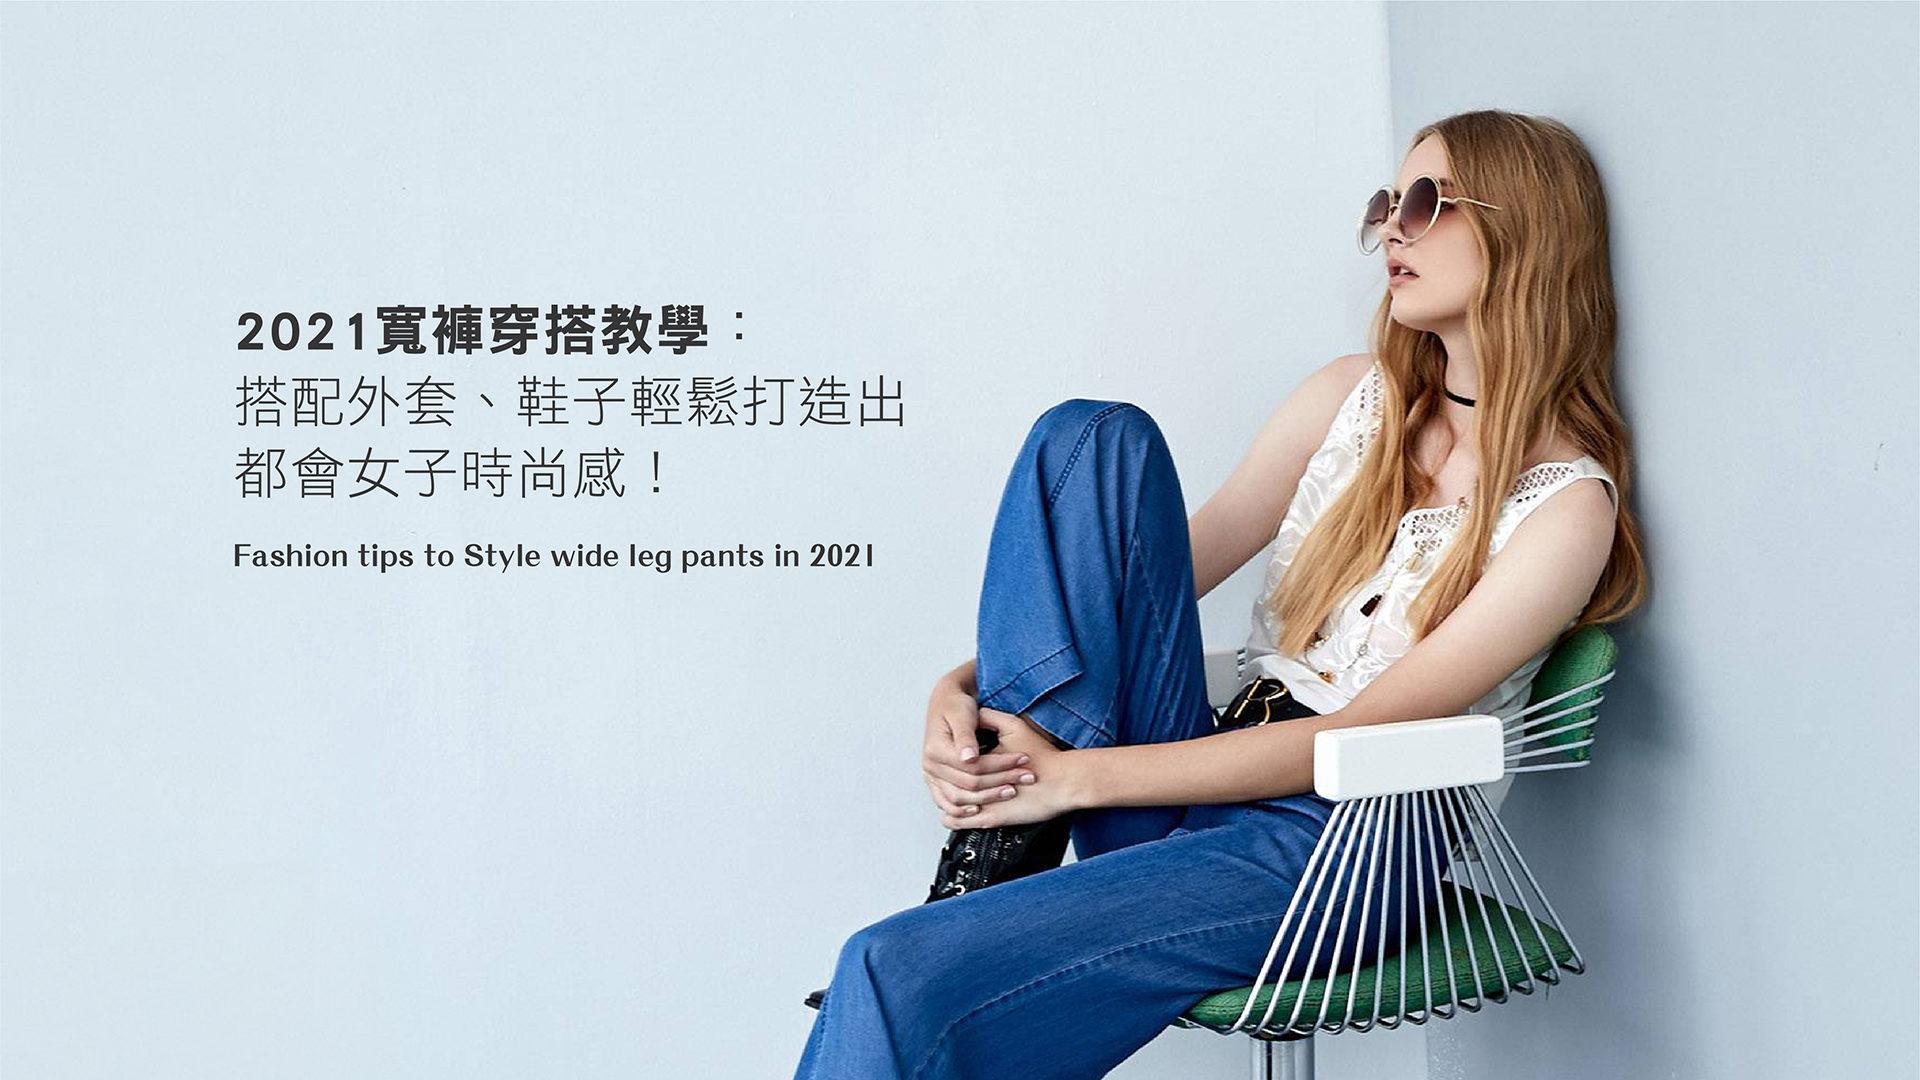 2021寬褲穿搭教學:搭配外套、鞋子,輕鬆打造出都會女子時尚感!